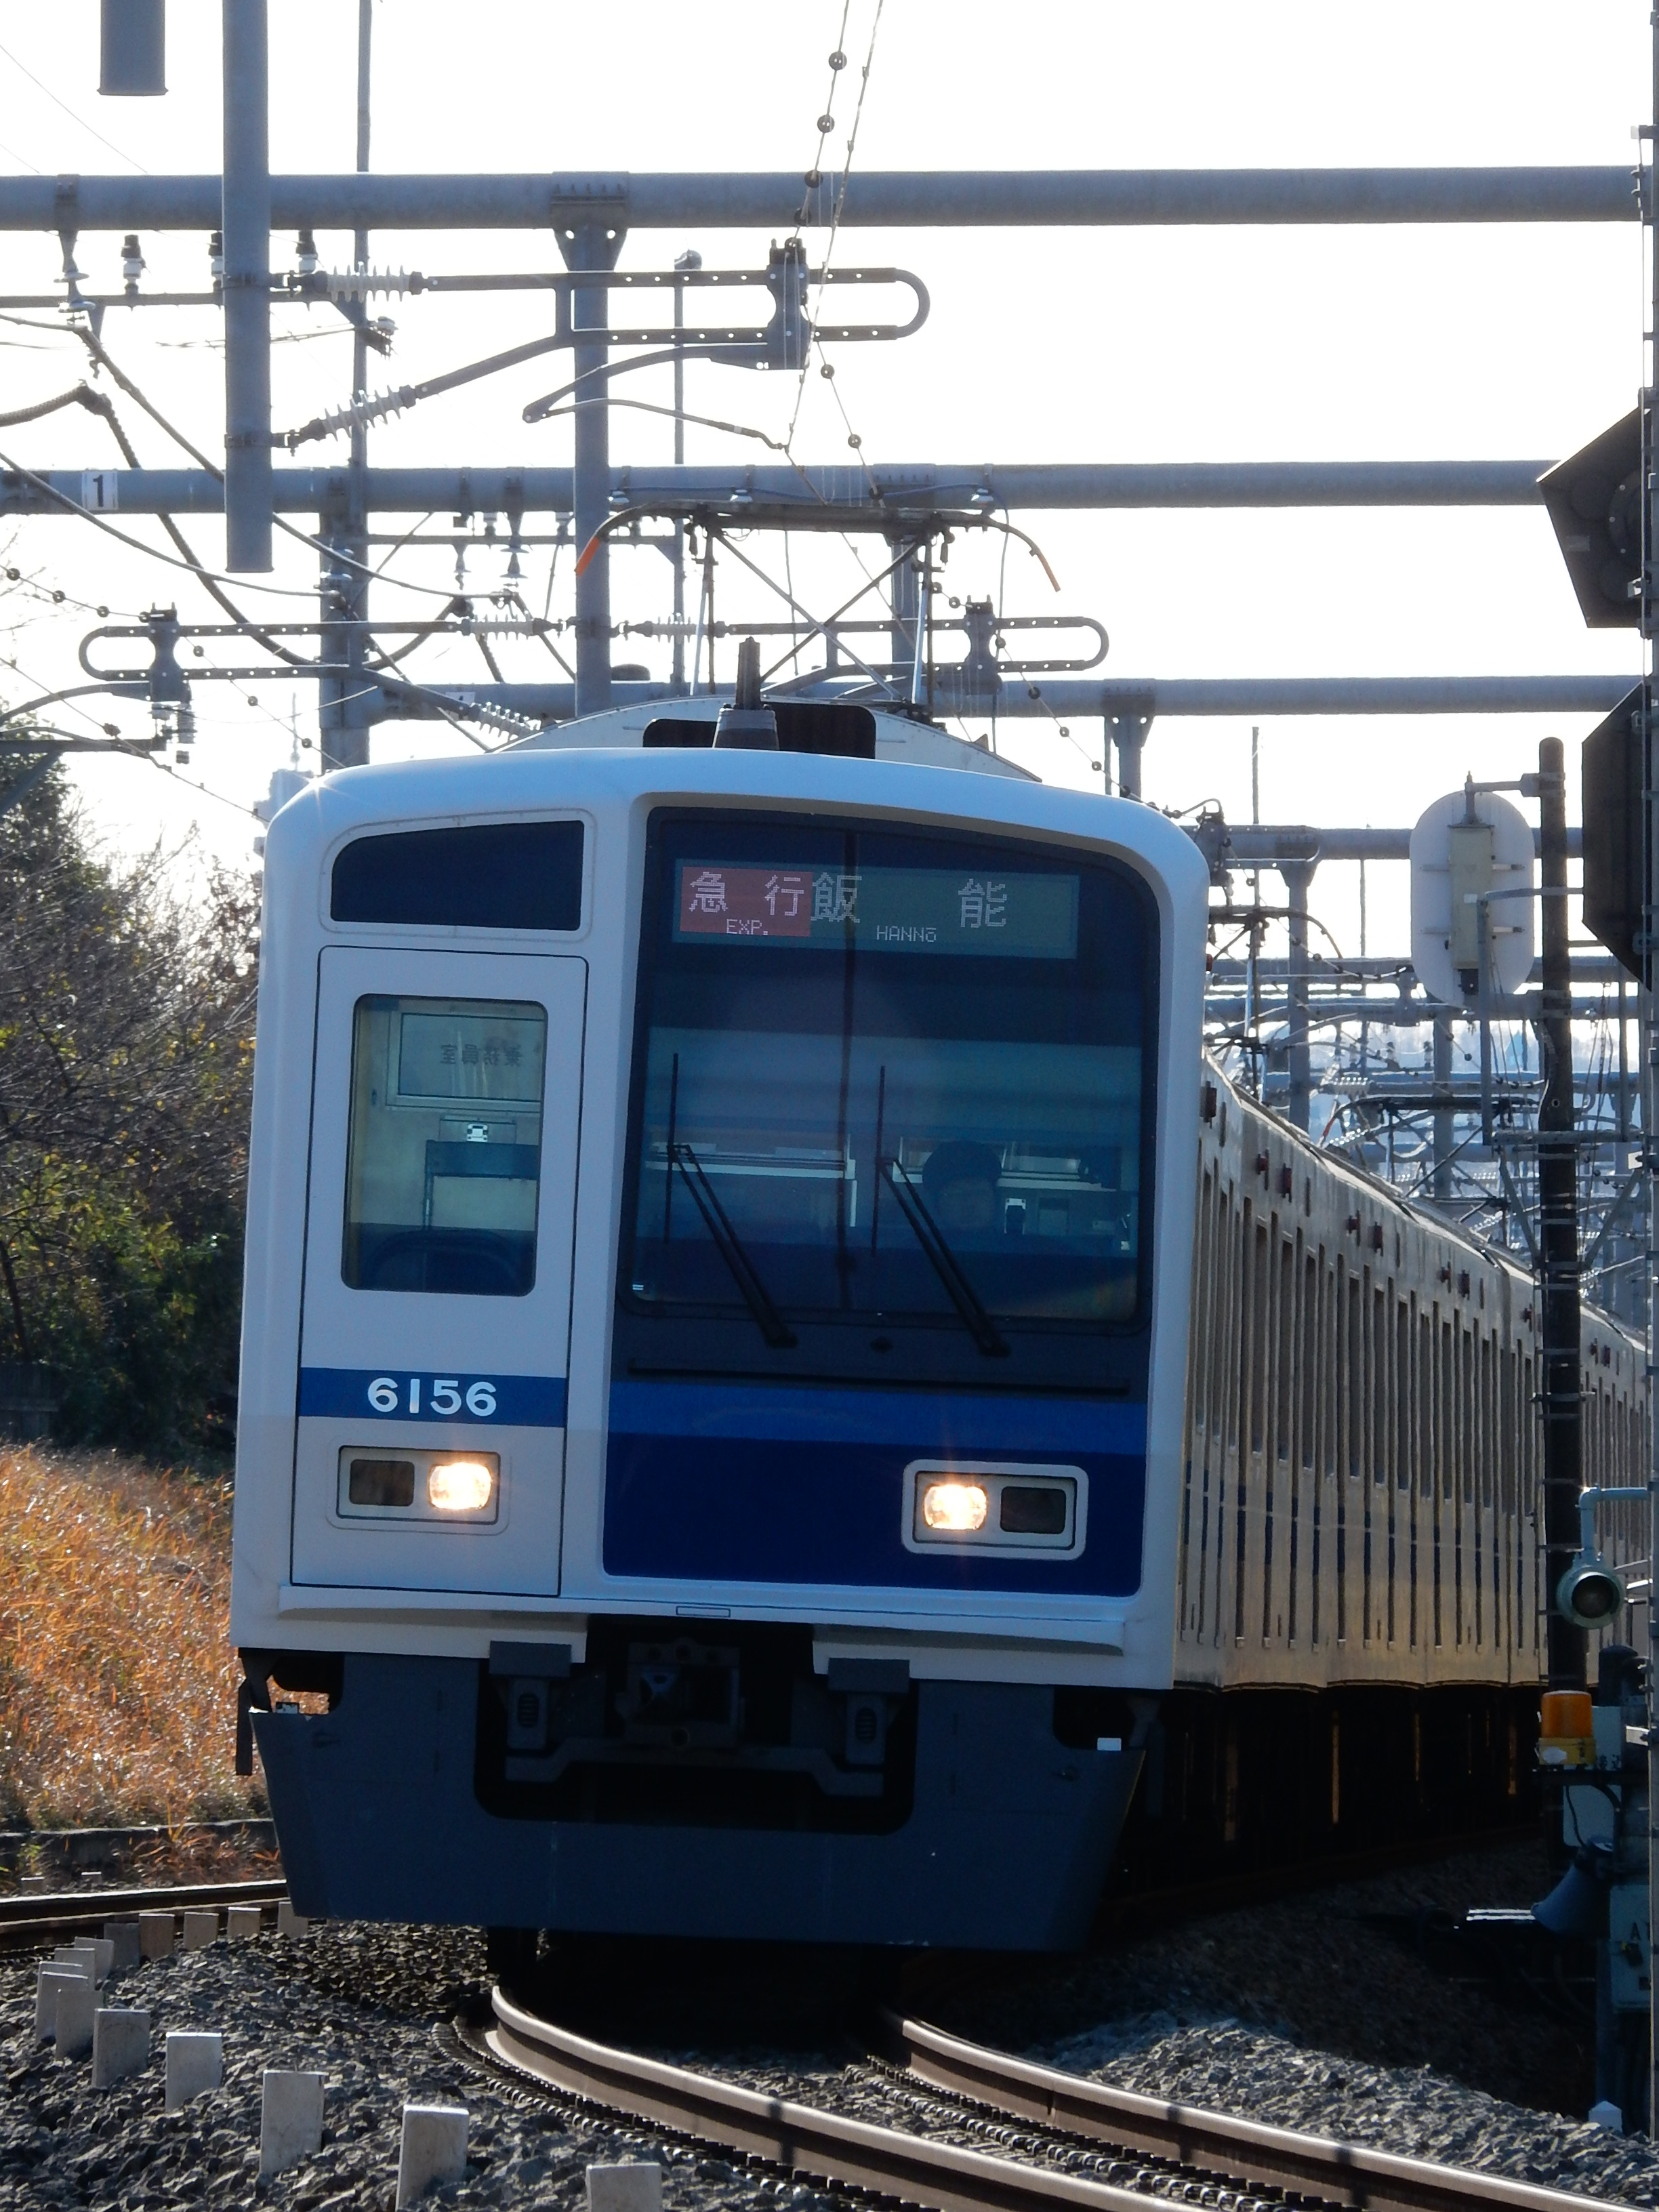 DSCN9199.jpg